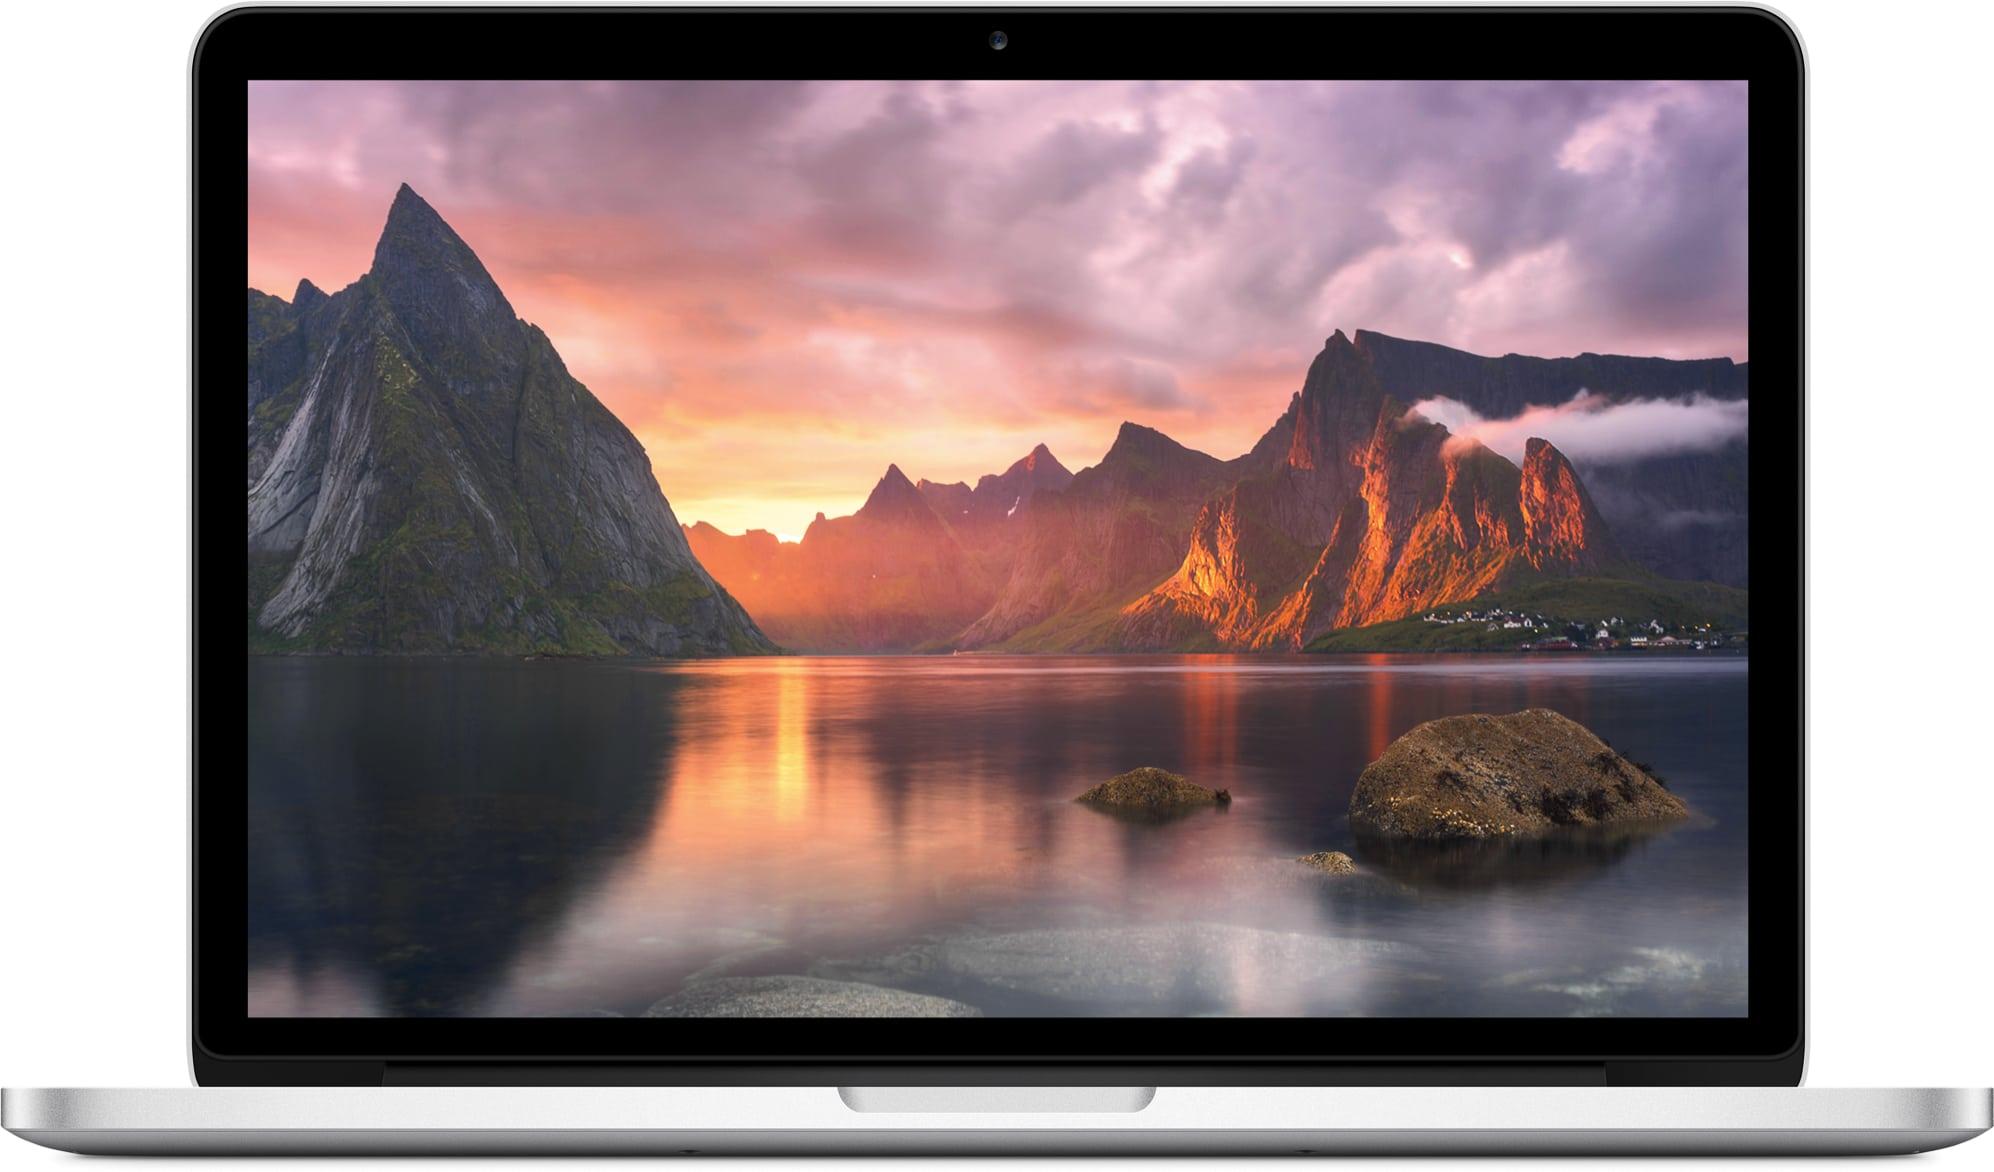 MacBook Pro com tela Retina de 13 polegadas de frente